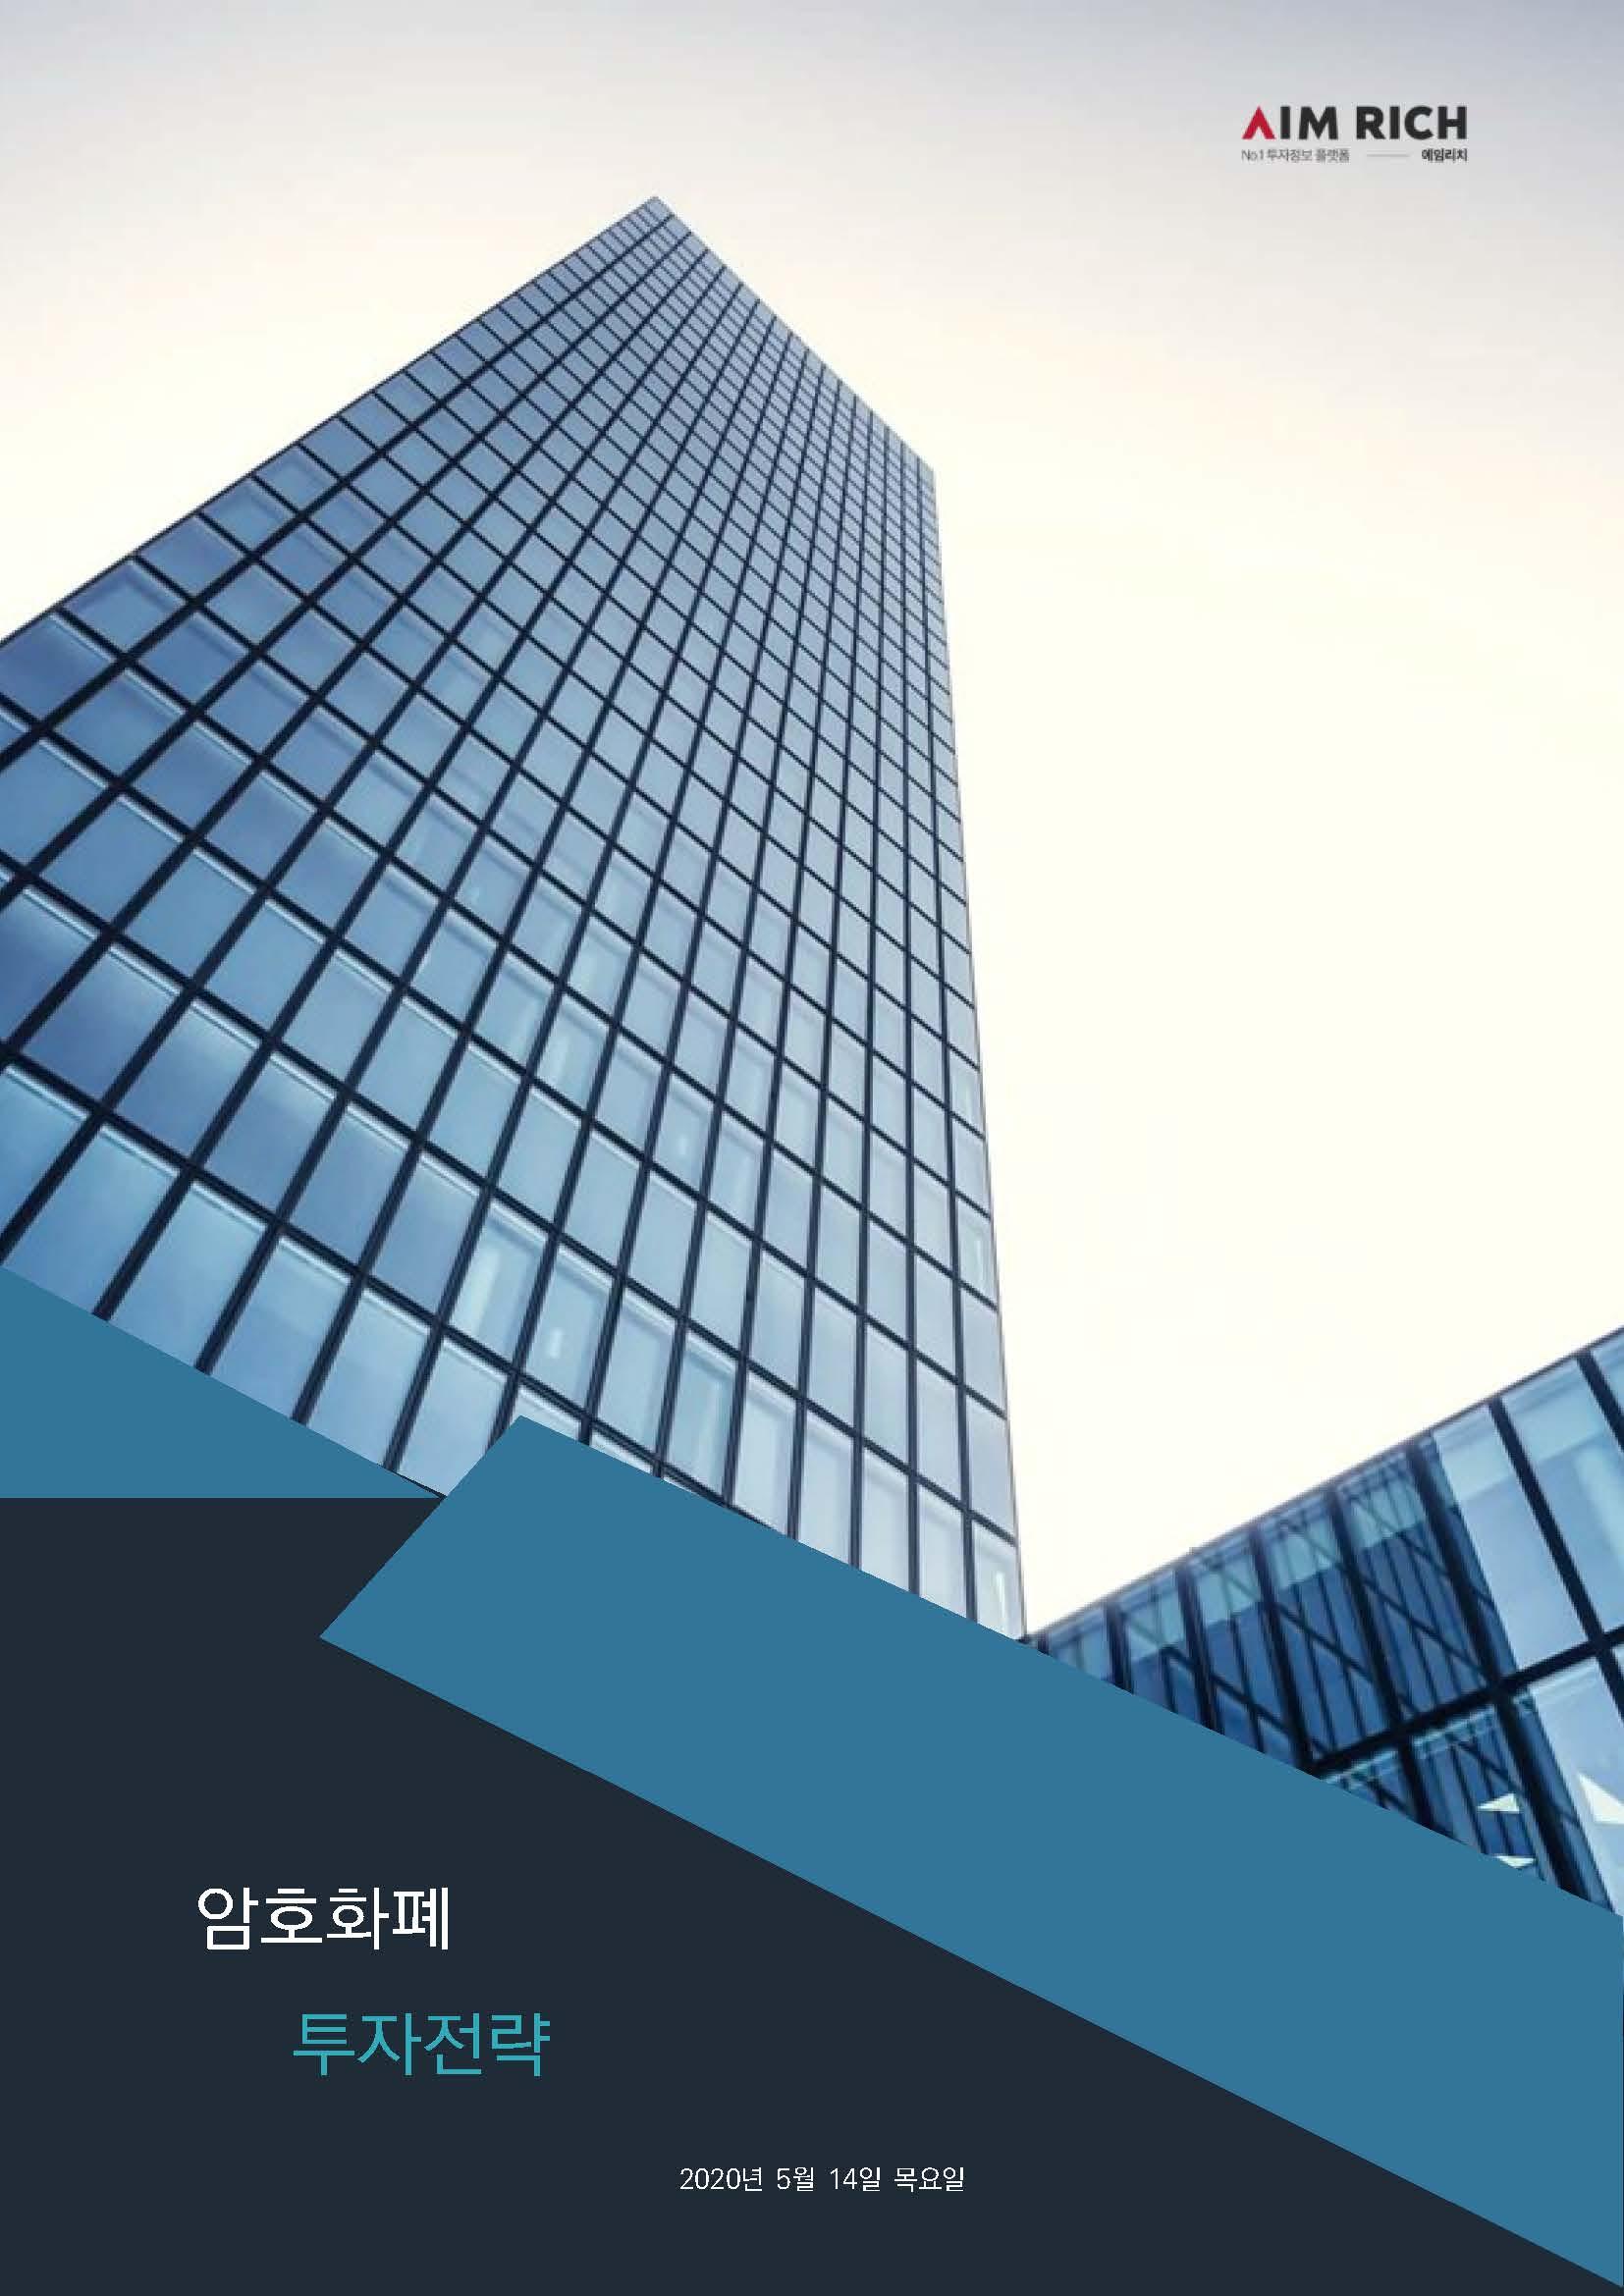 [투자전략]비트코인, 주요 자산 중 연초대비 수익률 1위로 '강세'_20200514_페이지_01.jpg